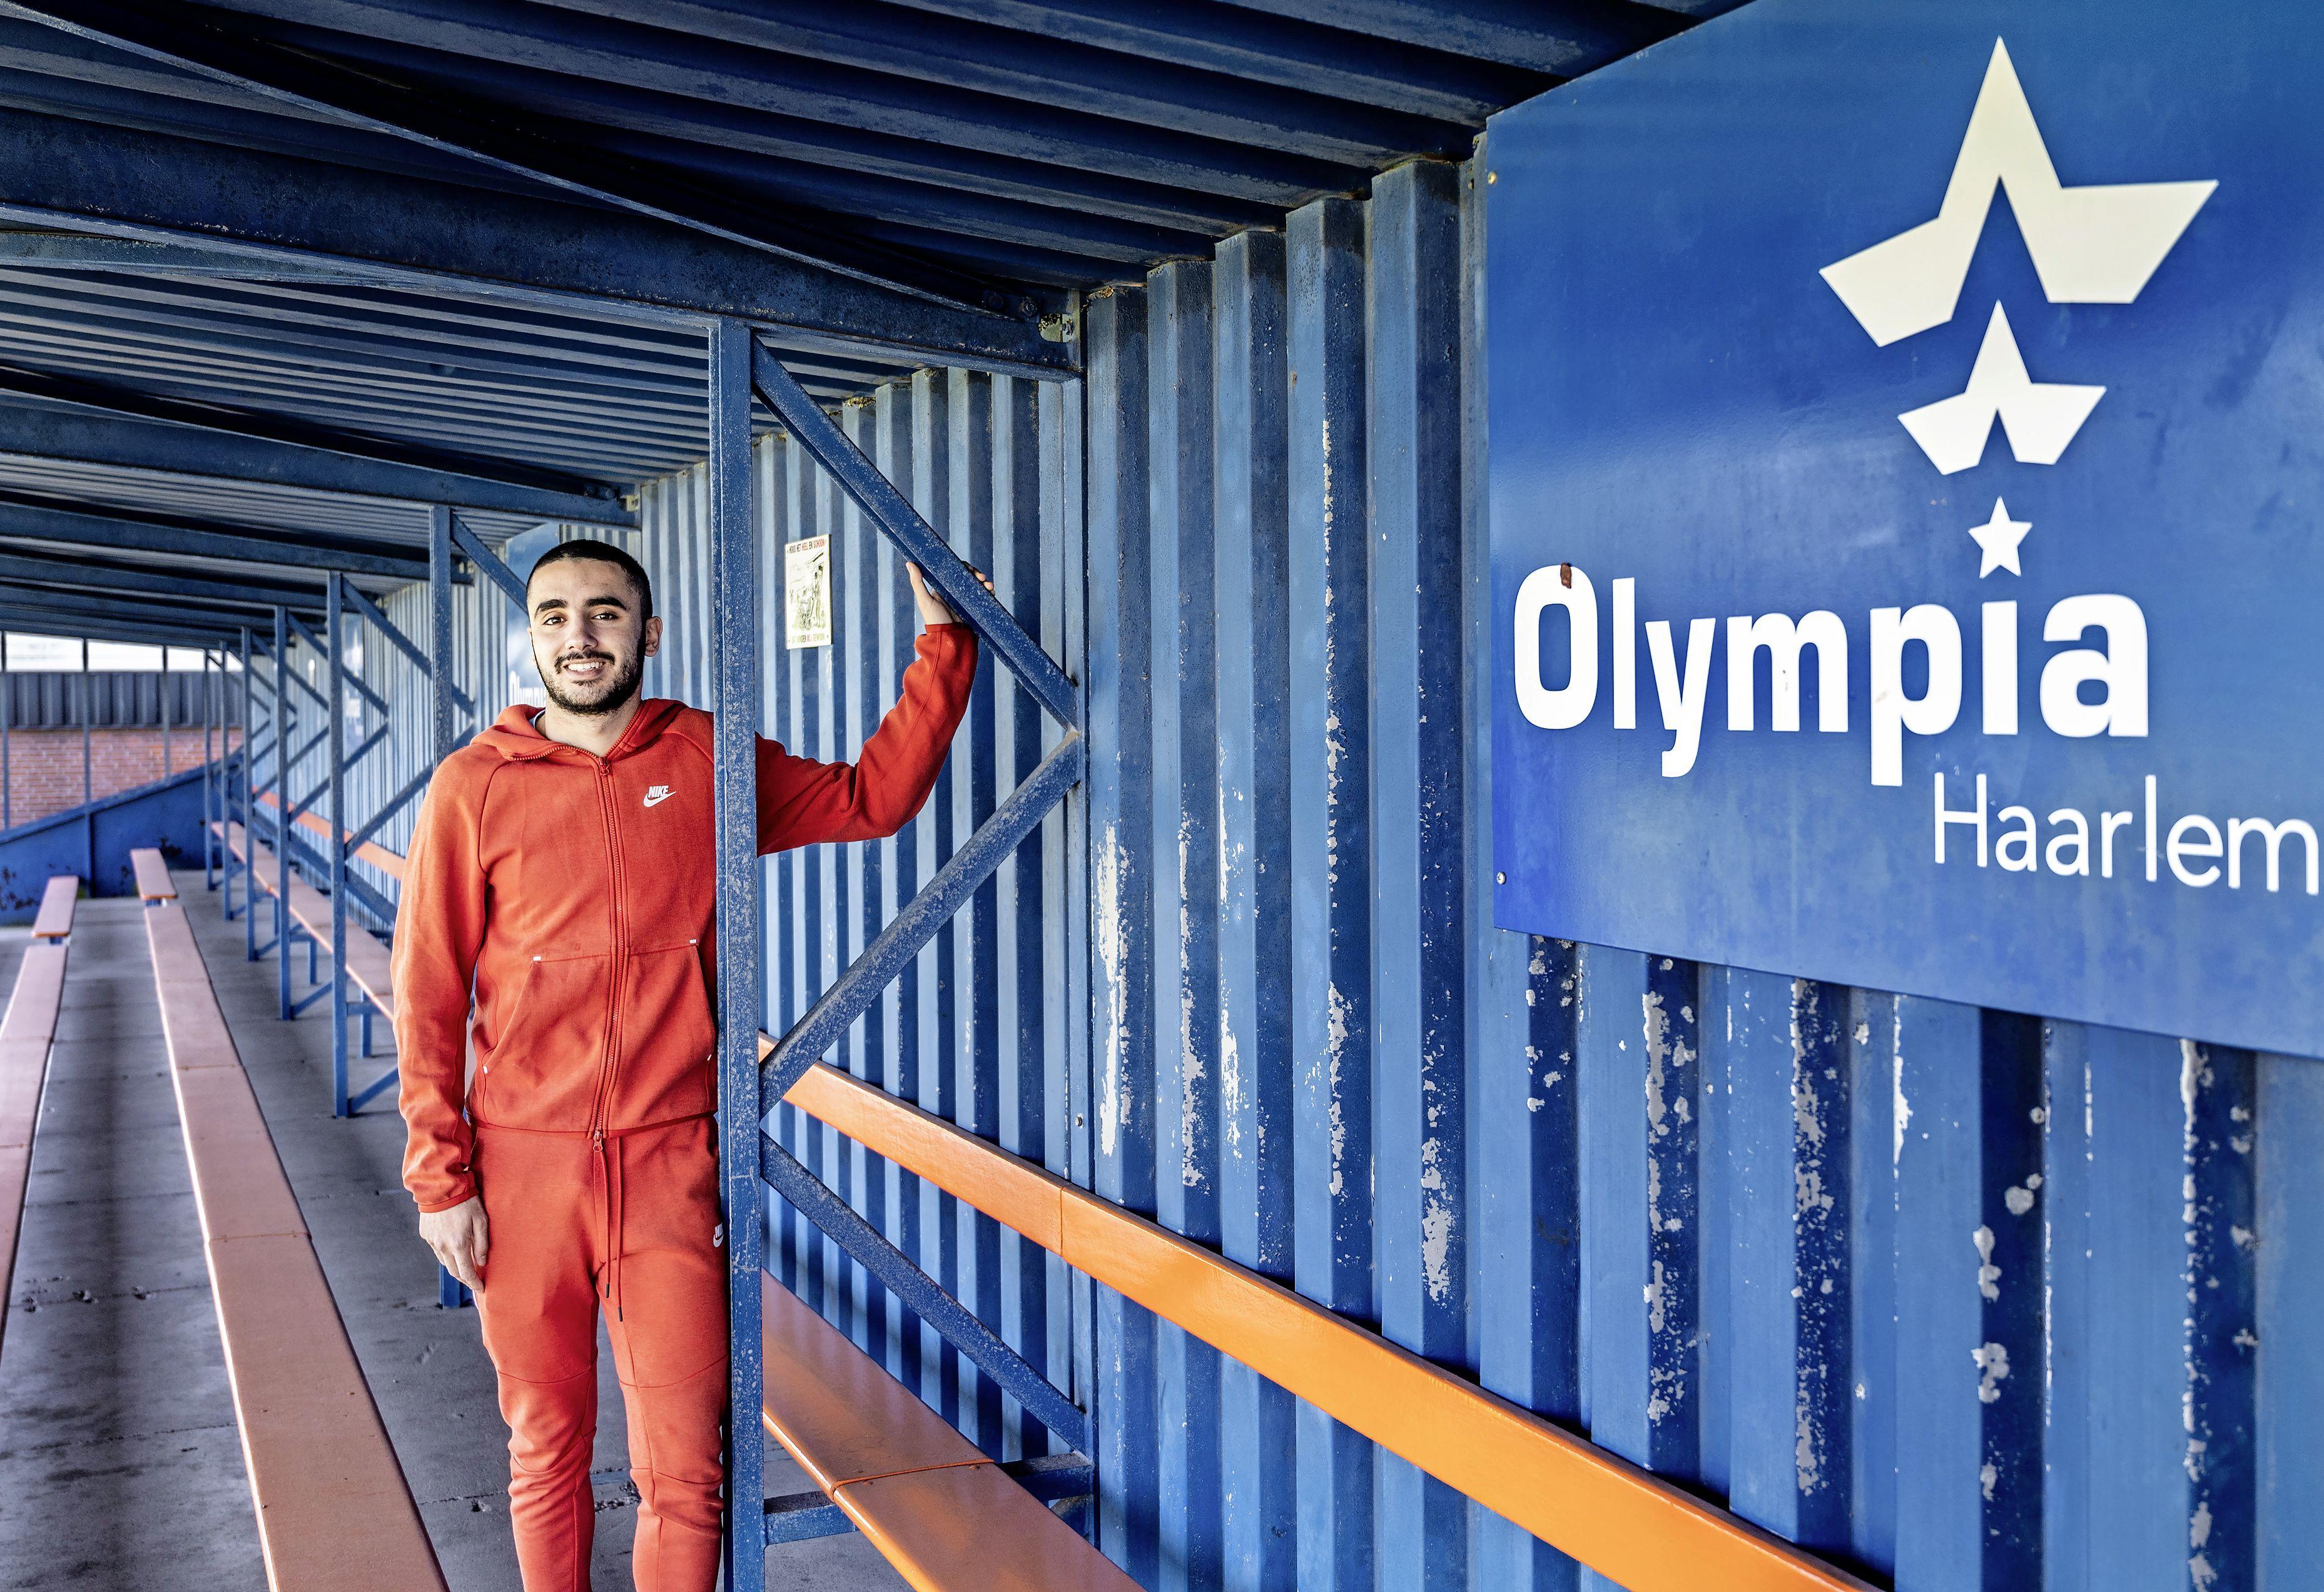 Met zevenmijlslaarzen is Mounir Mounji vertrokken naar Oostenrijk. 'Snelle deal kwam mij prima uit, want ik had behoefte aan rust in mijn hoofd', zegt voetballer uit Haarlem